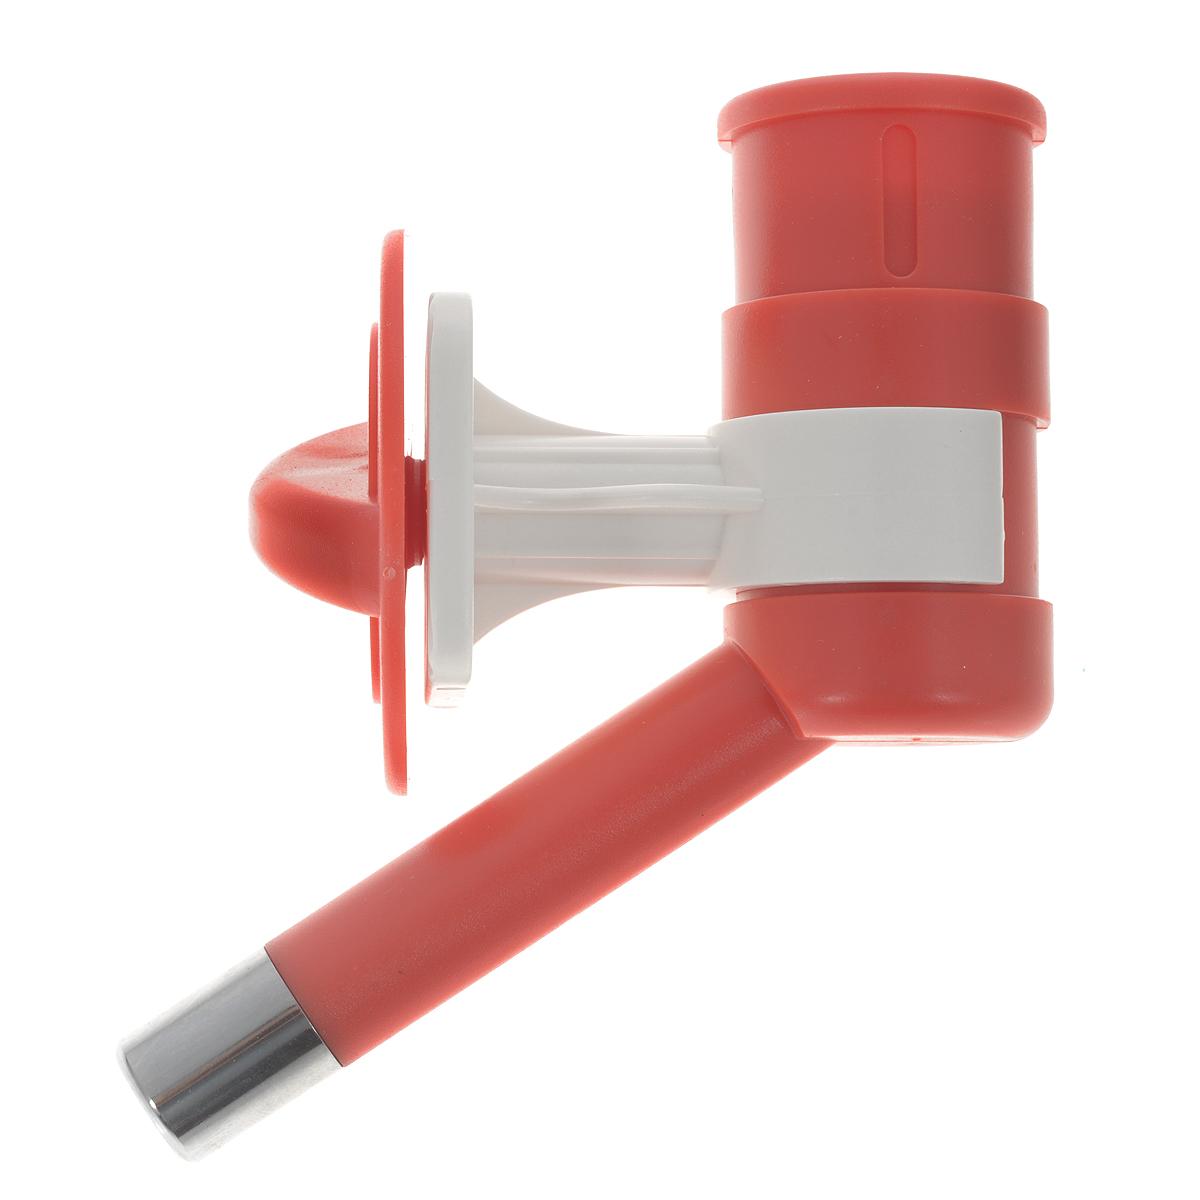 Автопоилка для животных, универсальная, цвет: красный378Автопоилка универсальная с шариковым механизмом, изготовленная из ABSпластика и нержавеющей стали, позволяет получать оптимальные порциижидкости в экономном режиме. Подходит для мелких животных.Автопоилка крепится на клетку.Подходит под любые ПЭТ бутылки.